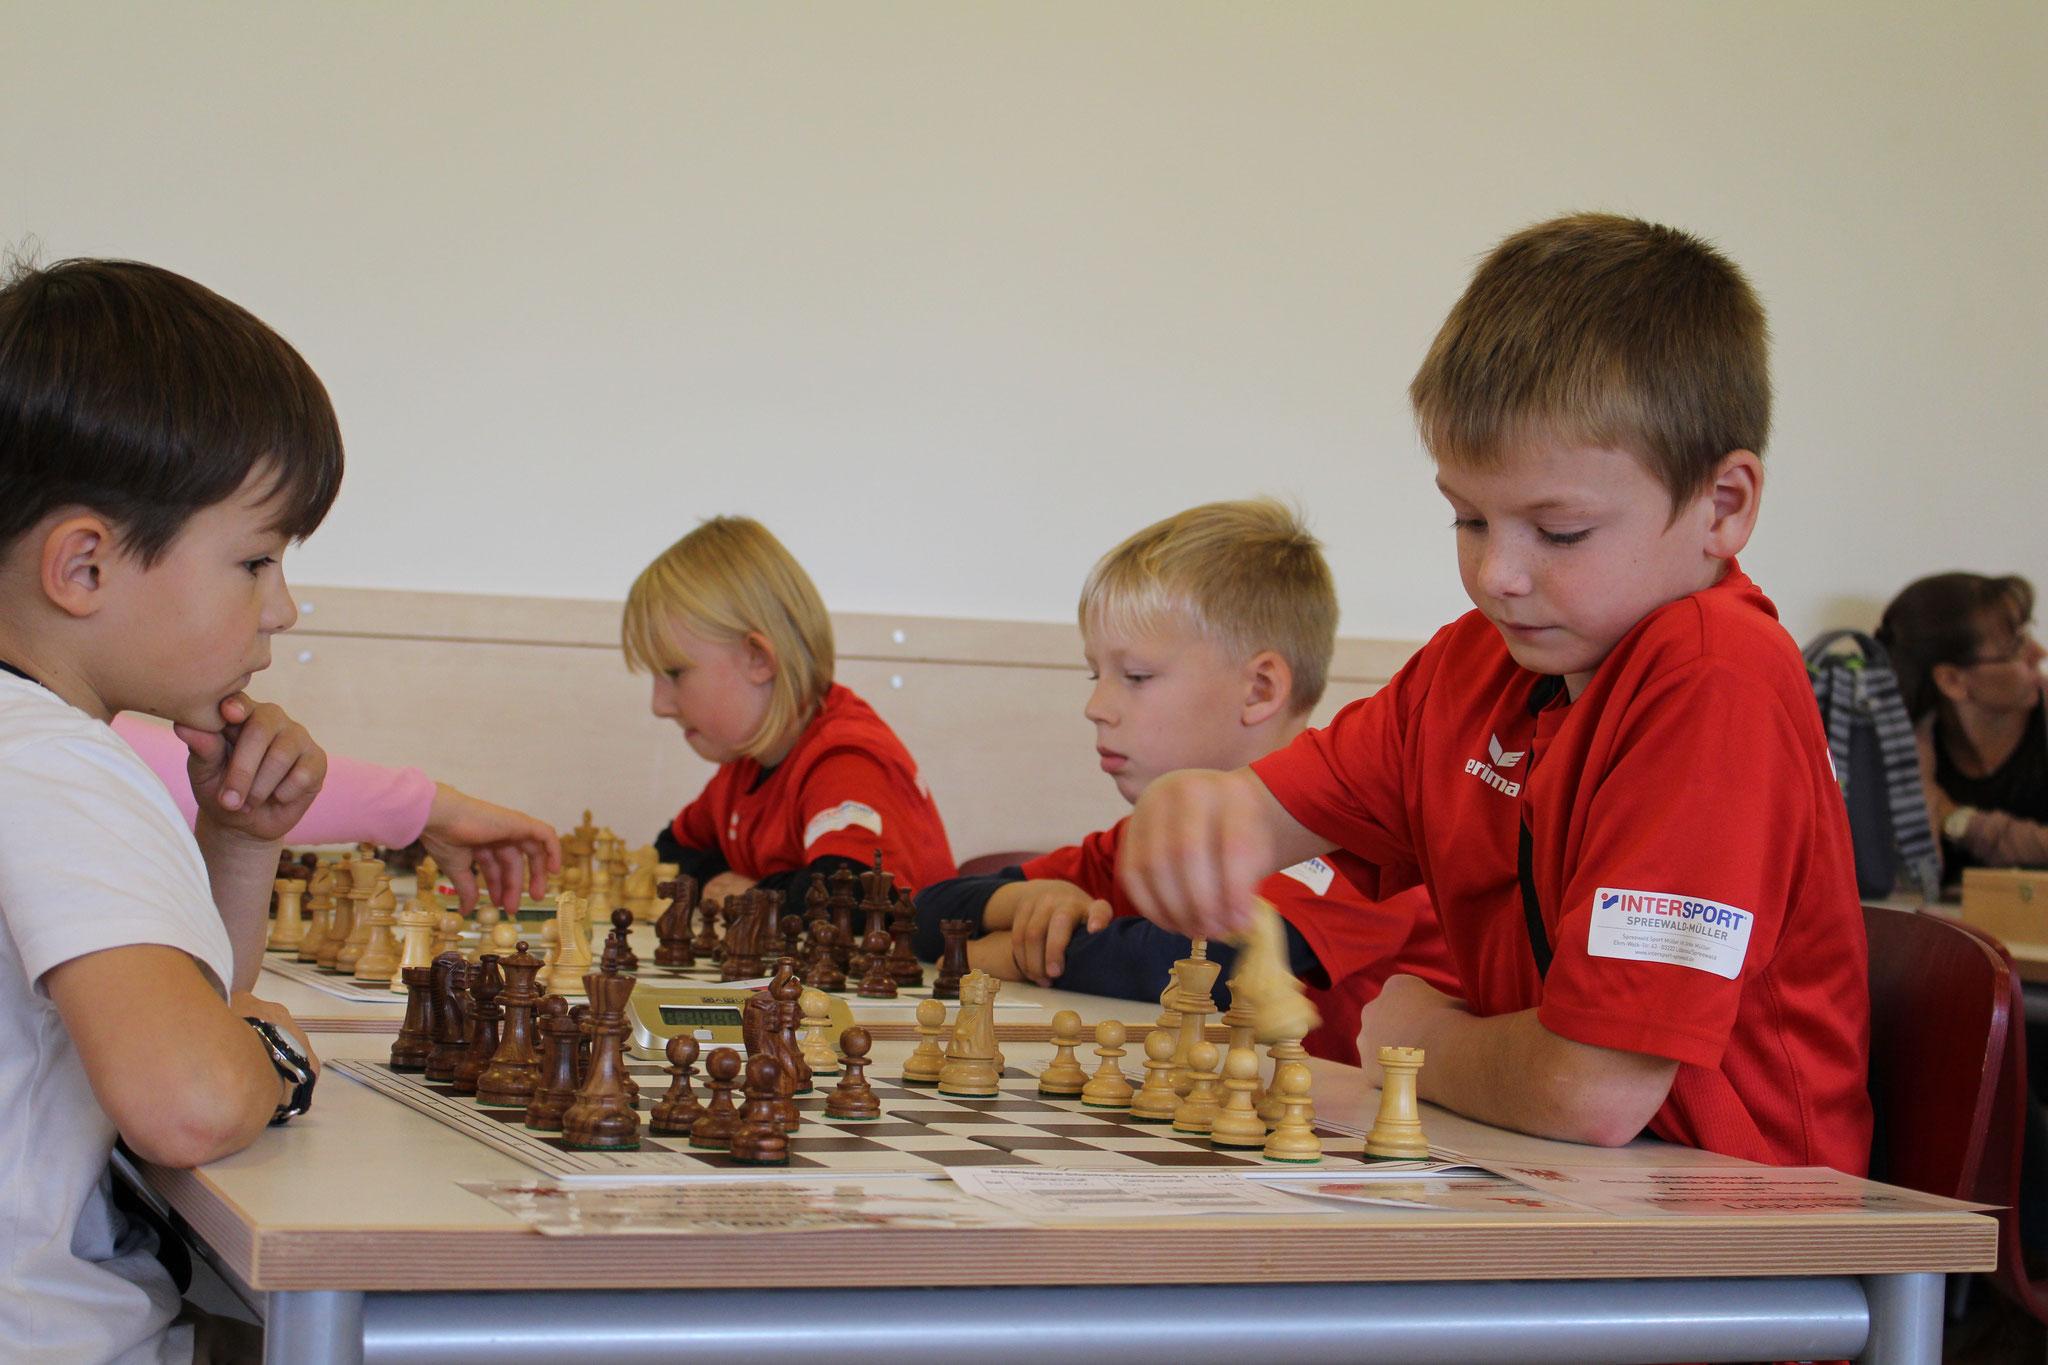 AK 1 : Das Team der Werner-Seelenbinder-GS mit Adam (Brett 1) , William (Brett 2) und Alexa (Brett 3) mitten im Match